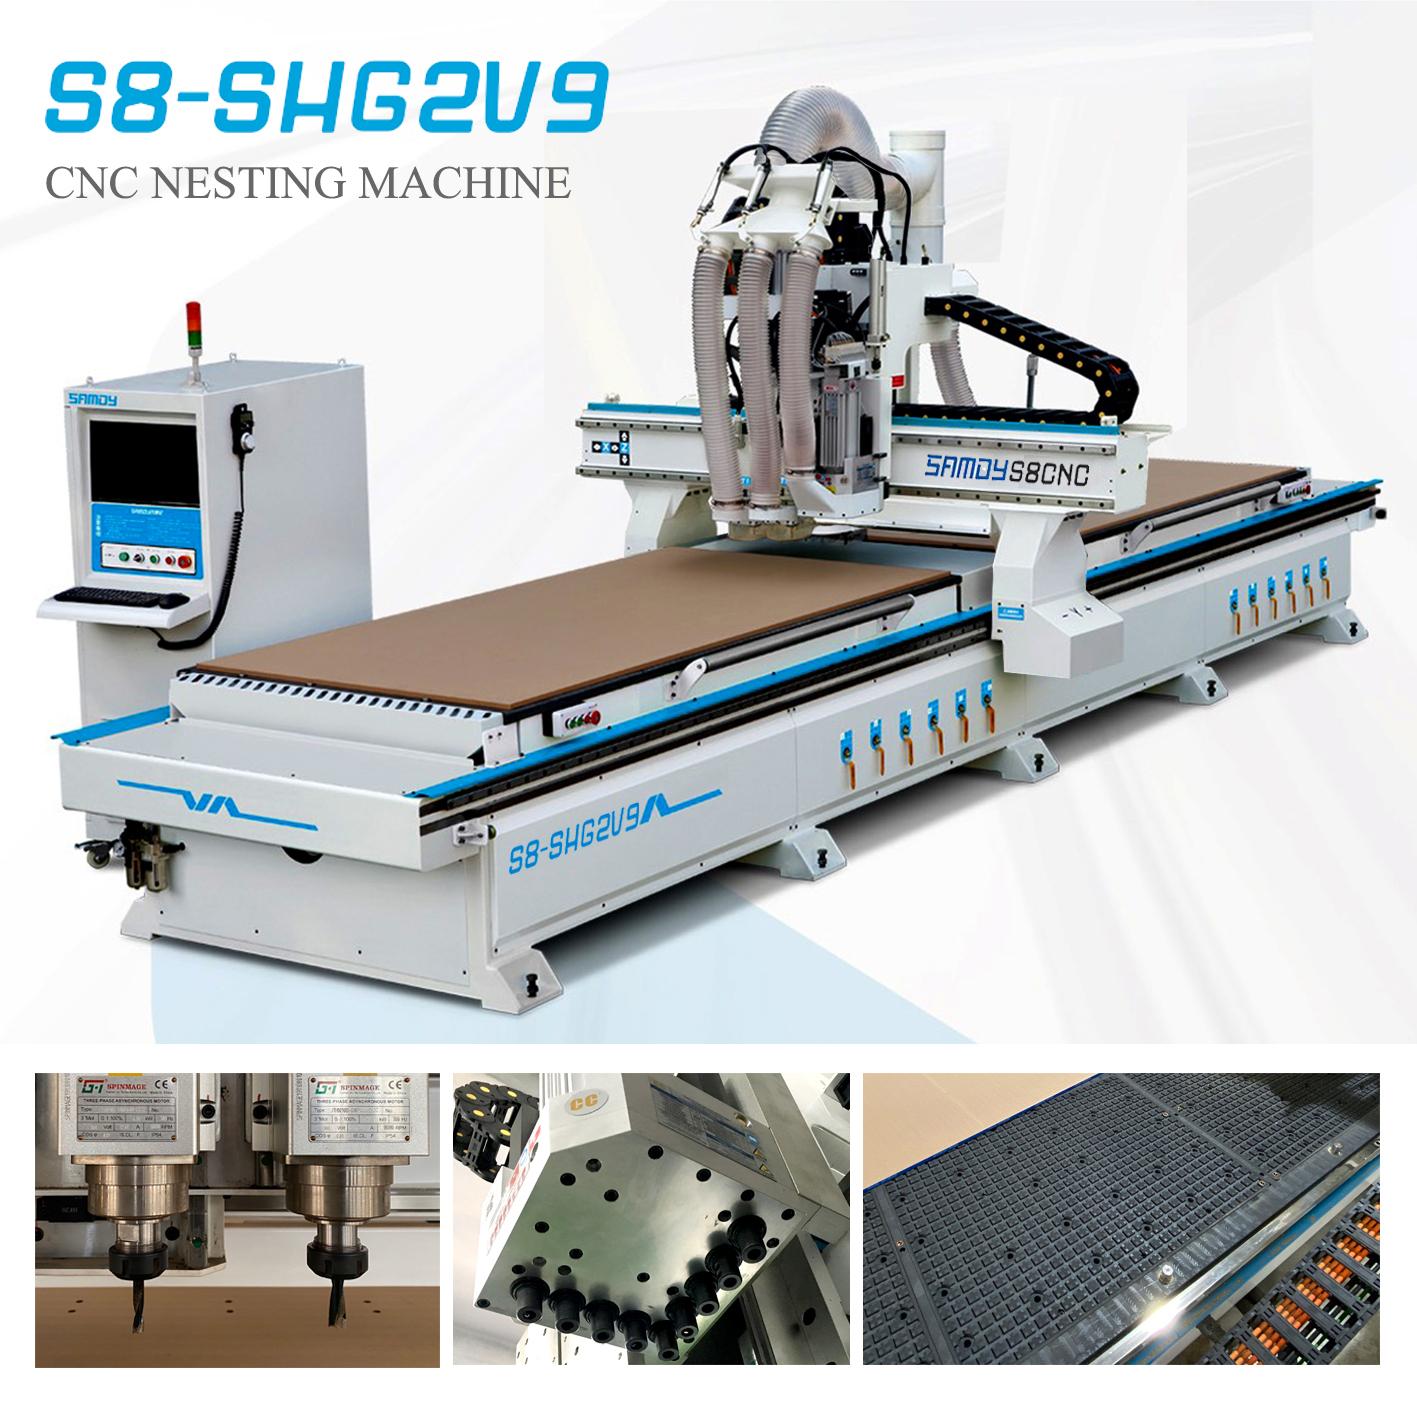 CNC Nesting S8 - SHG2V9